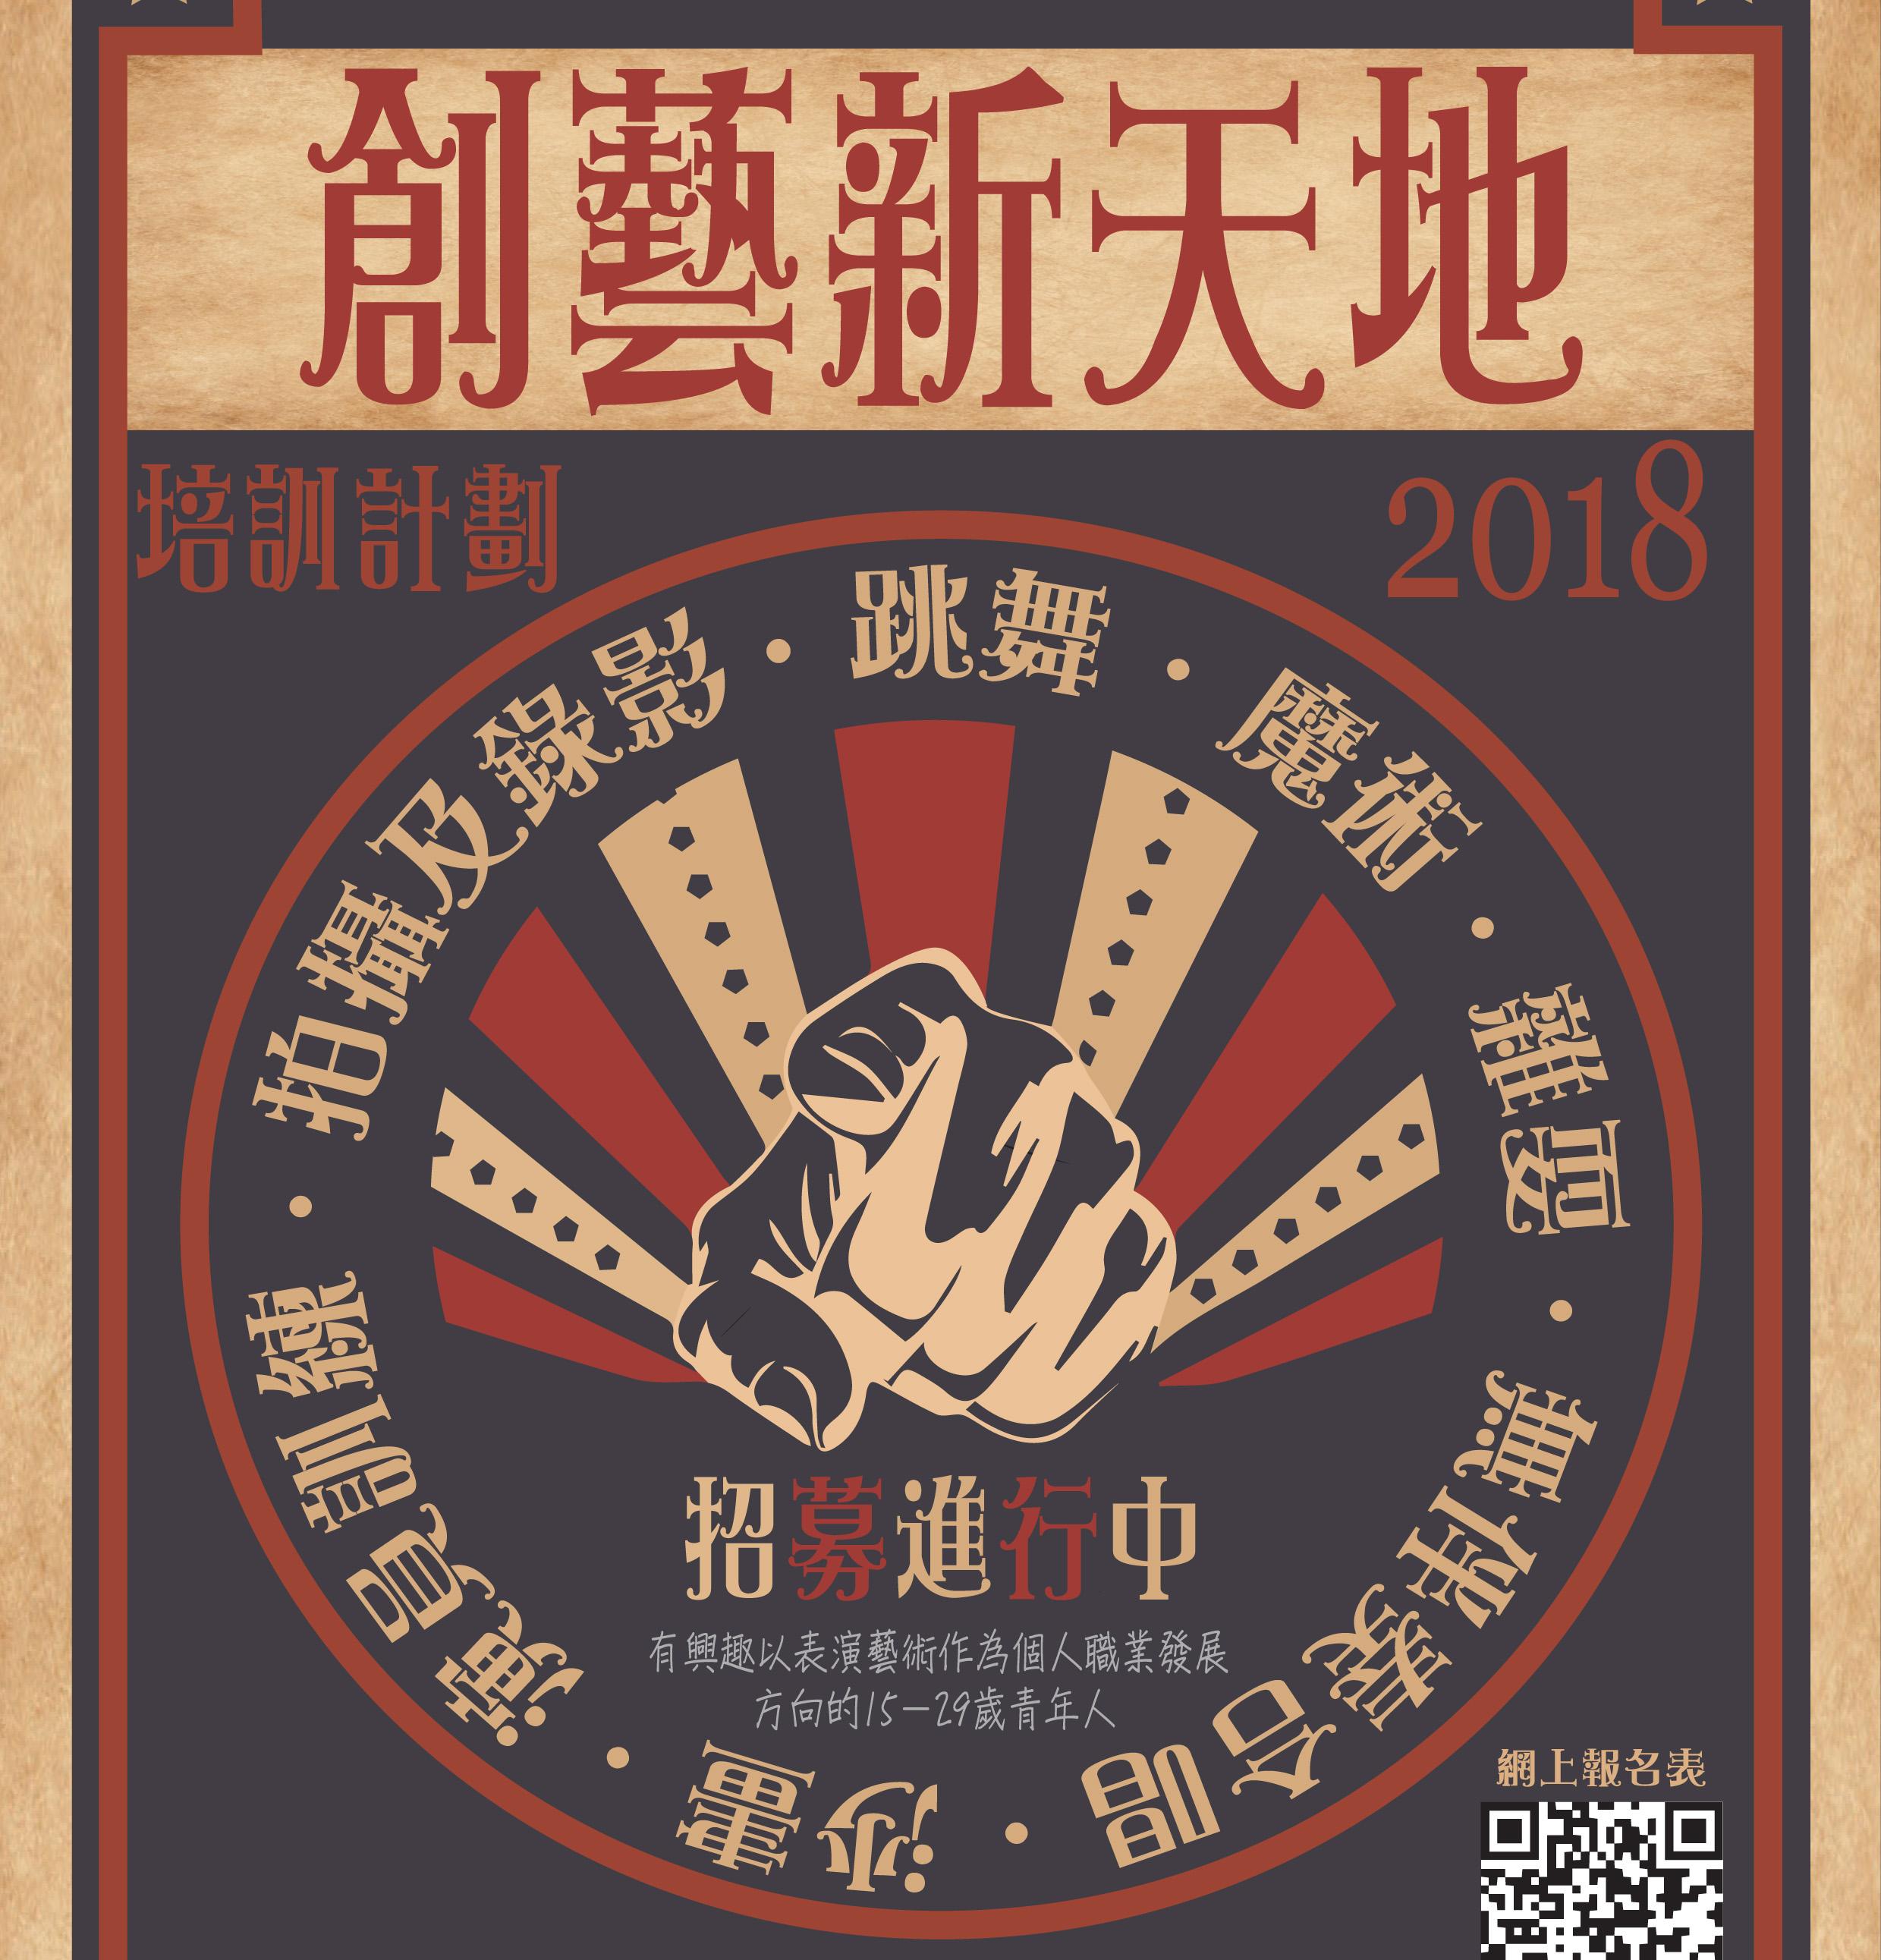 創藝新天地poster